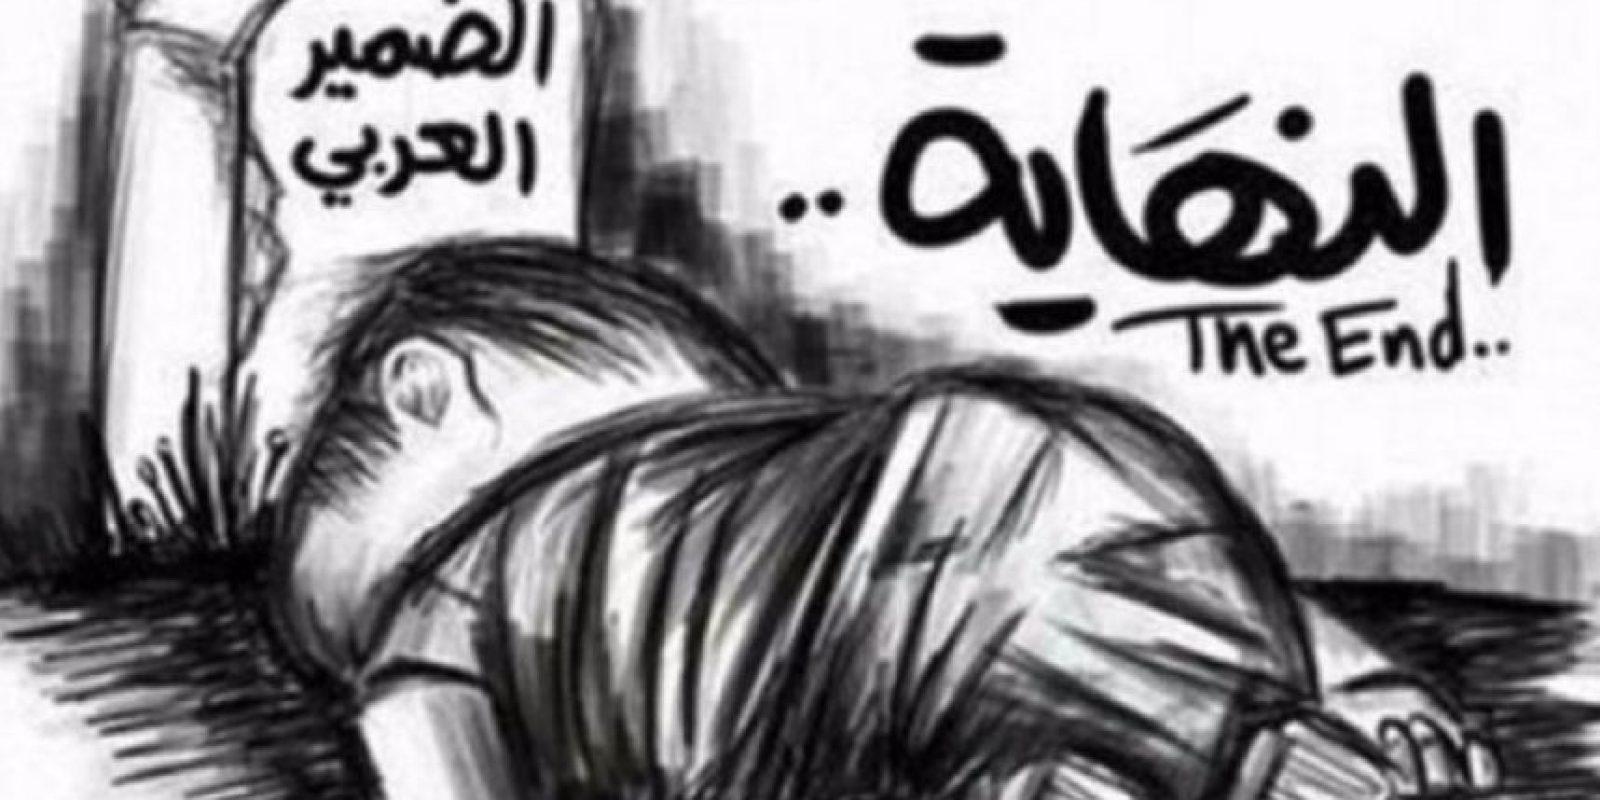 Aylan Kurdi fue un niño inmigrante que murió ahogado en las costas del Mediterráneo luego de que la embarcación en la que iba con su familia naufragara. Foto:vía Twitter